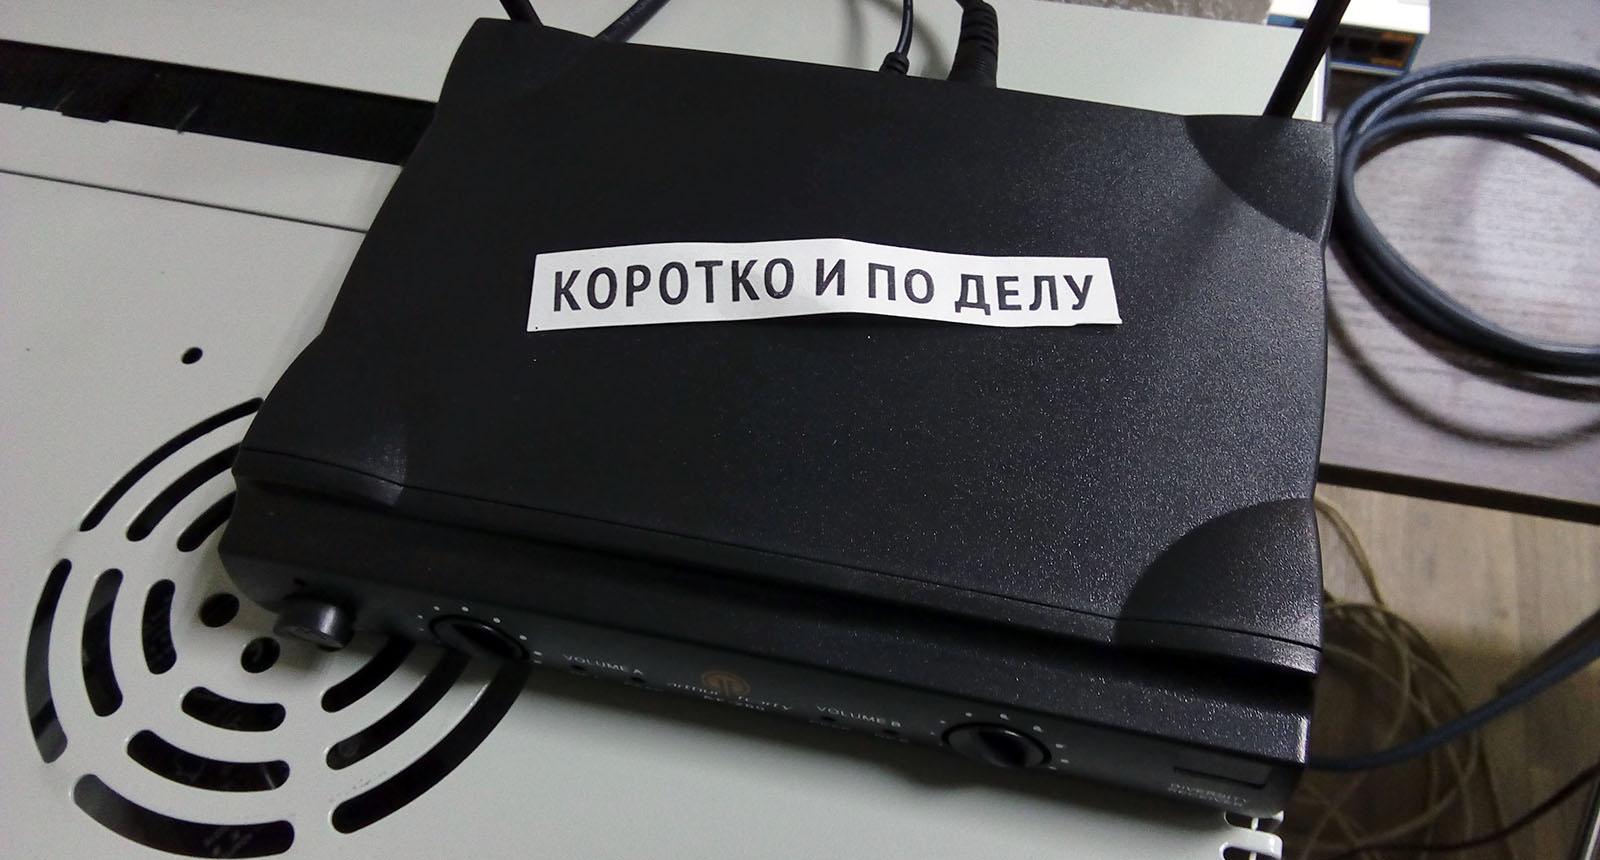 Микрофонная система AKG US45AC с приёмником SR40 Mini Dual и двумя ручными передатчиками